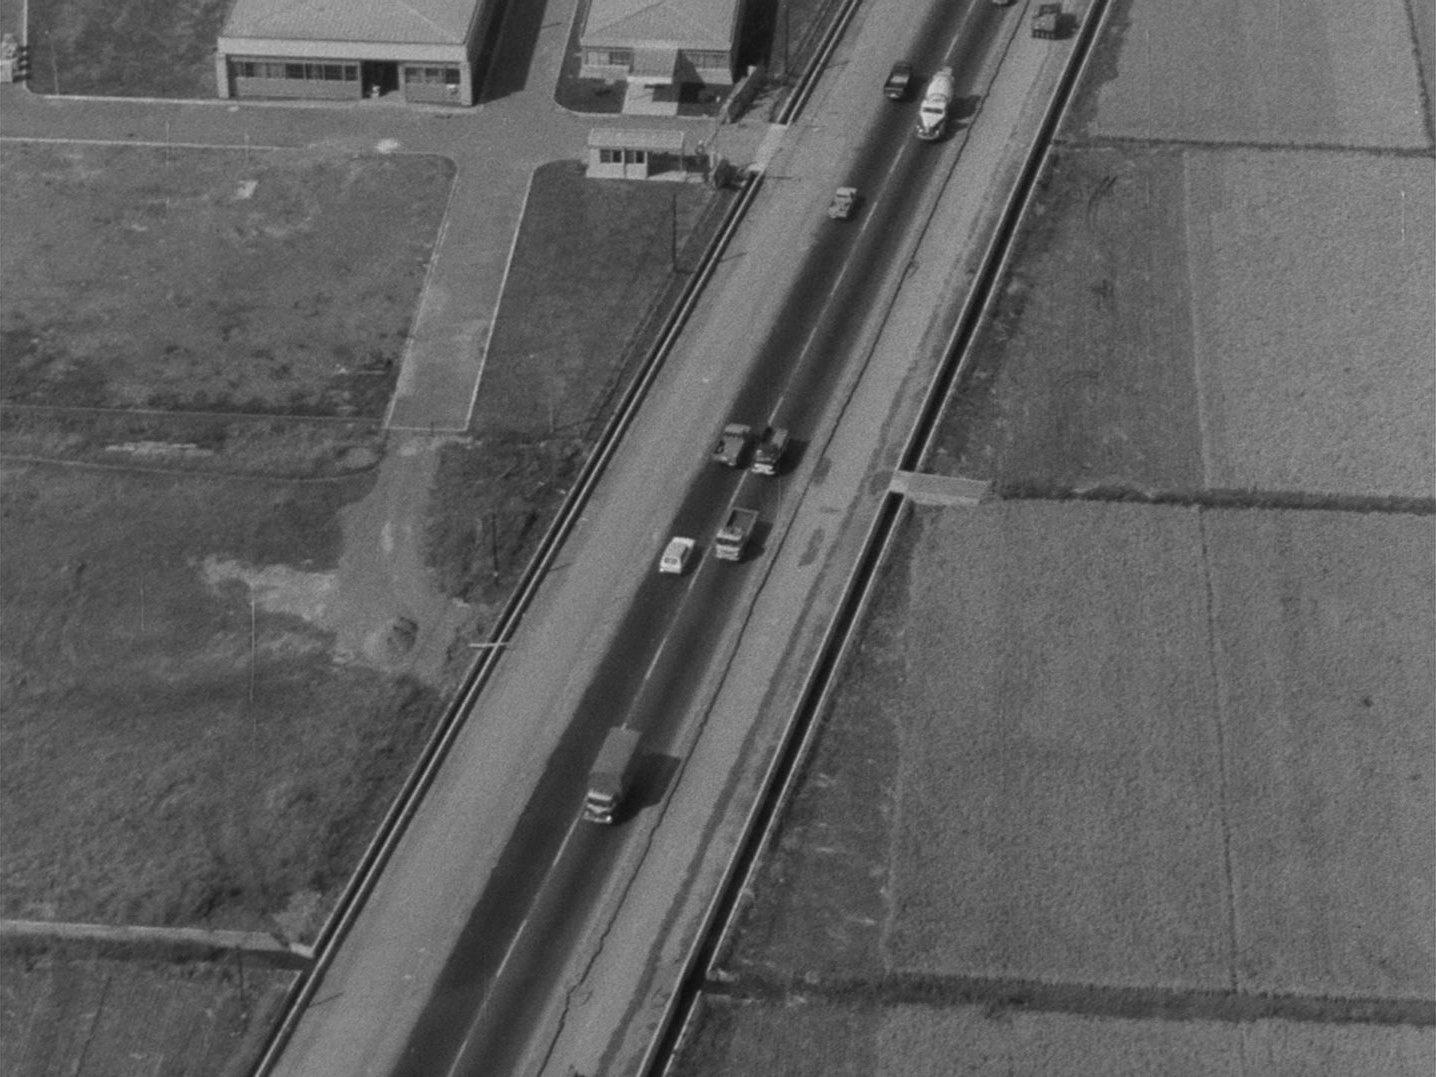 」『ウルトラQ』第16話 1965年の国道風景